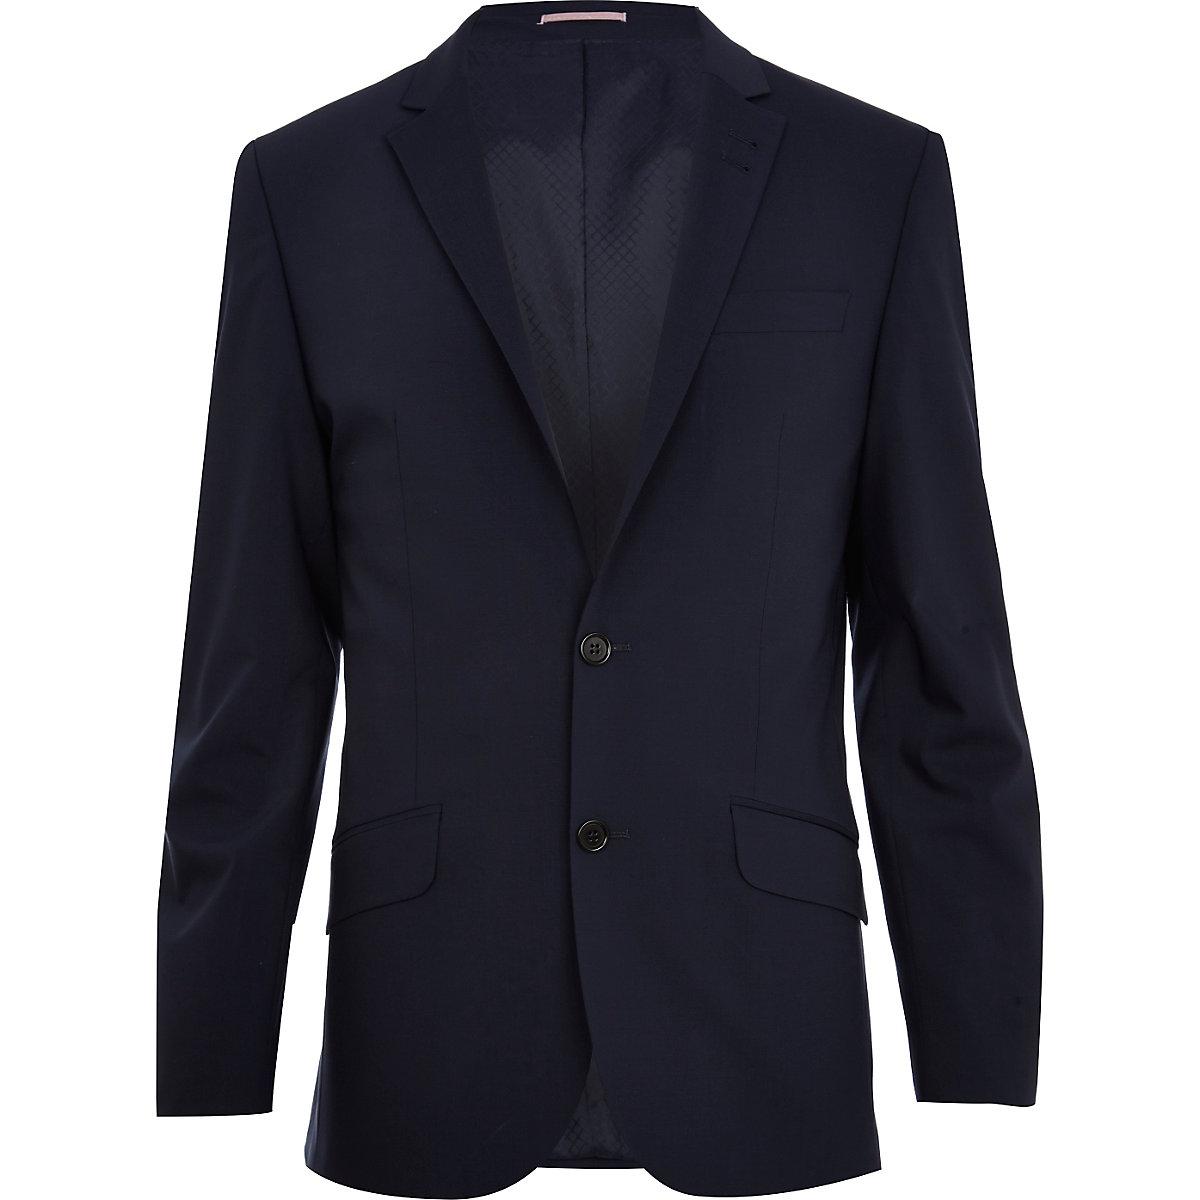 Navy blue wool-blend slim suit jacket